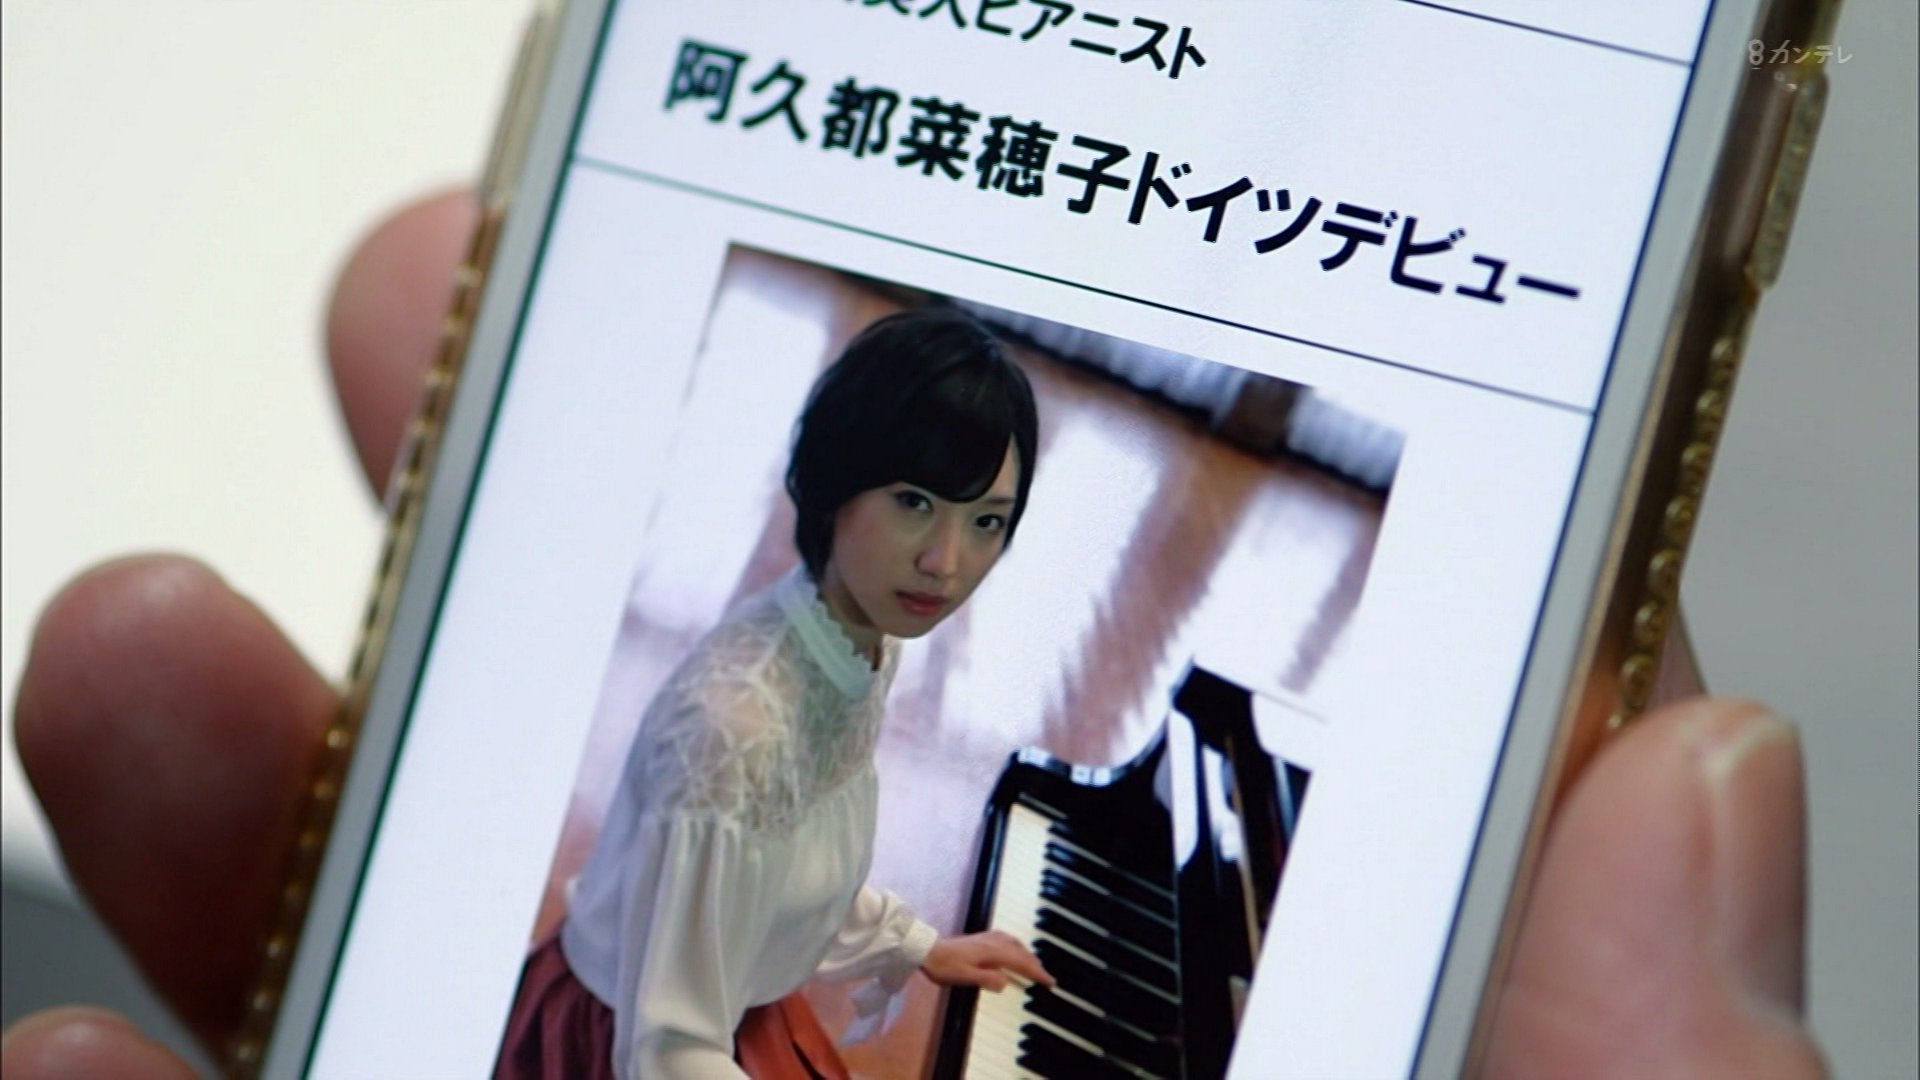 【太田夢莉】5月16日放送「ミナミの帝王ZERO」♯4の画像。菜穂子、ドイツデビュー